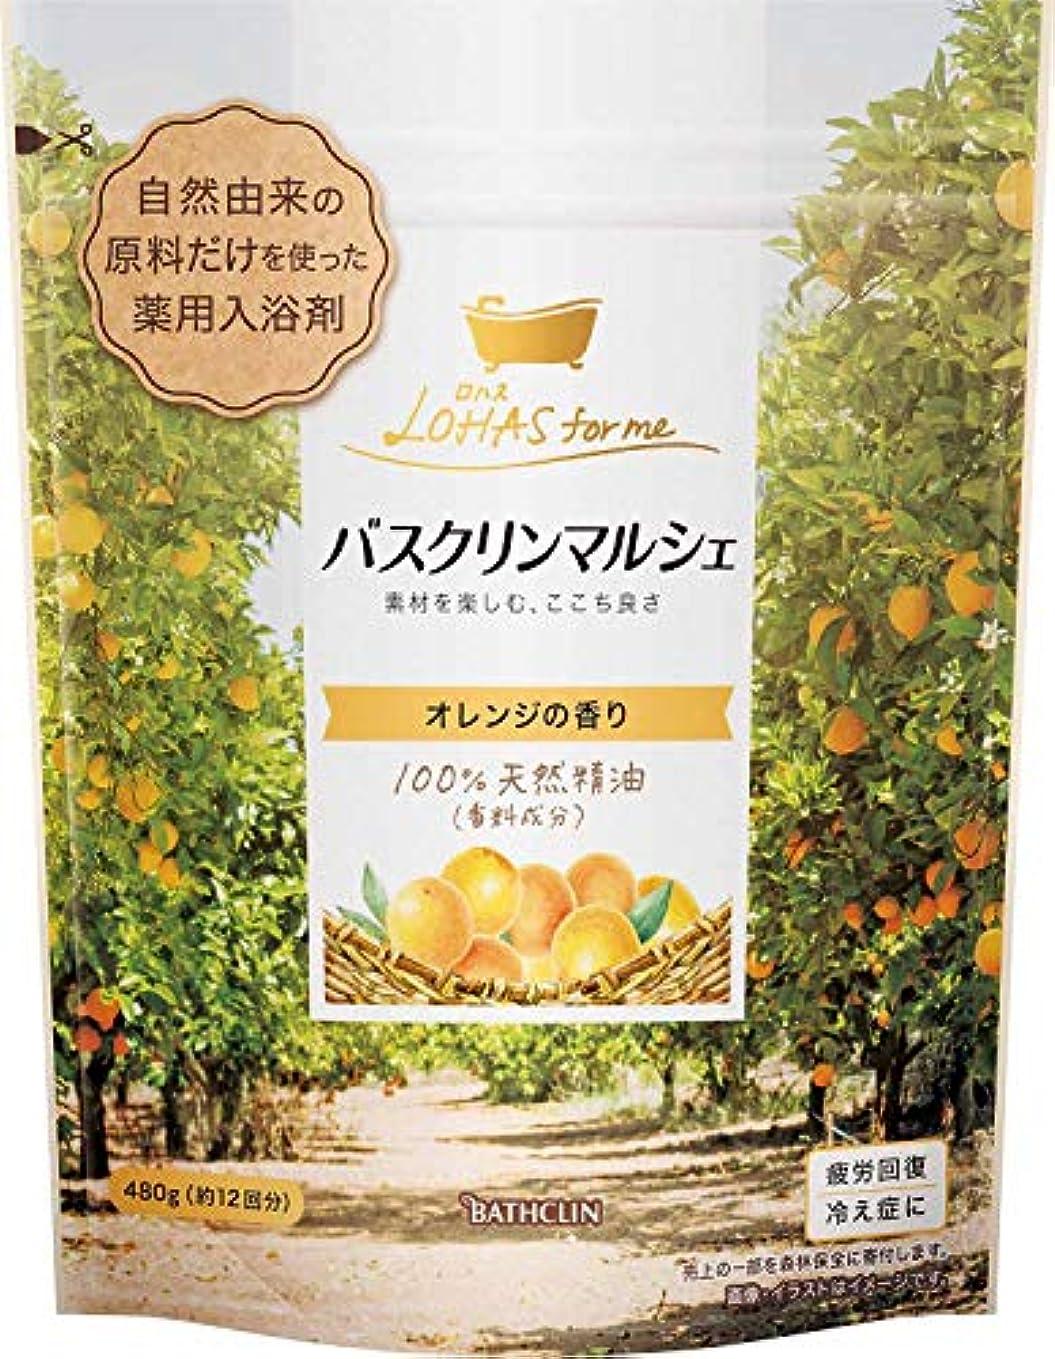 セクション不一致と闘う【医薬部外品/合成香料無添加】バスクリンマルシェ入浴剤 オレンジの香り480g 自然派ほのかなやさしい香り